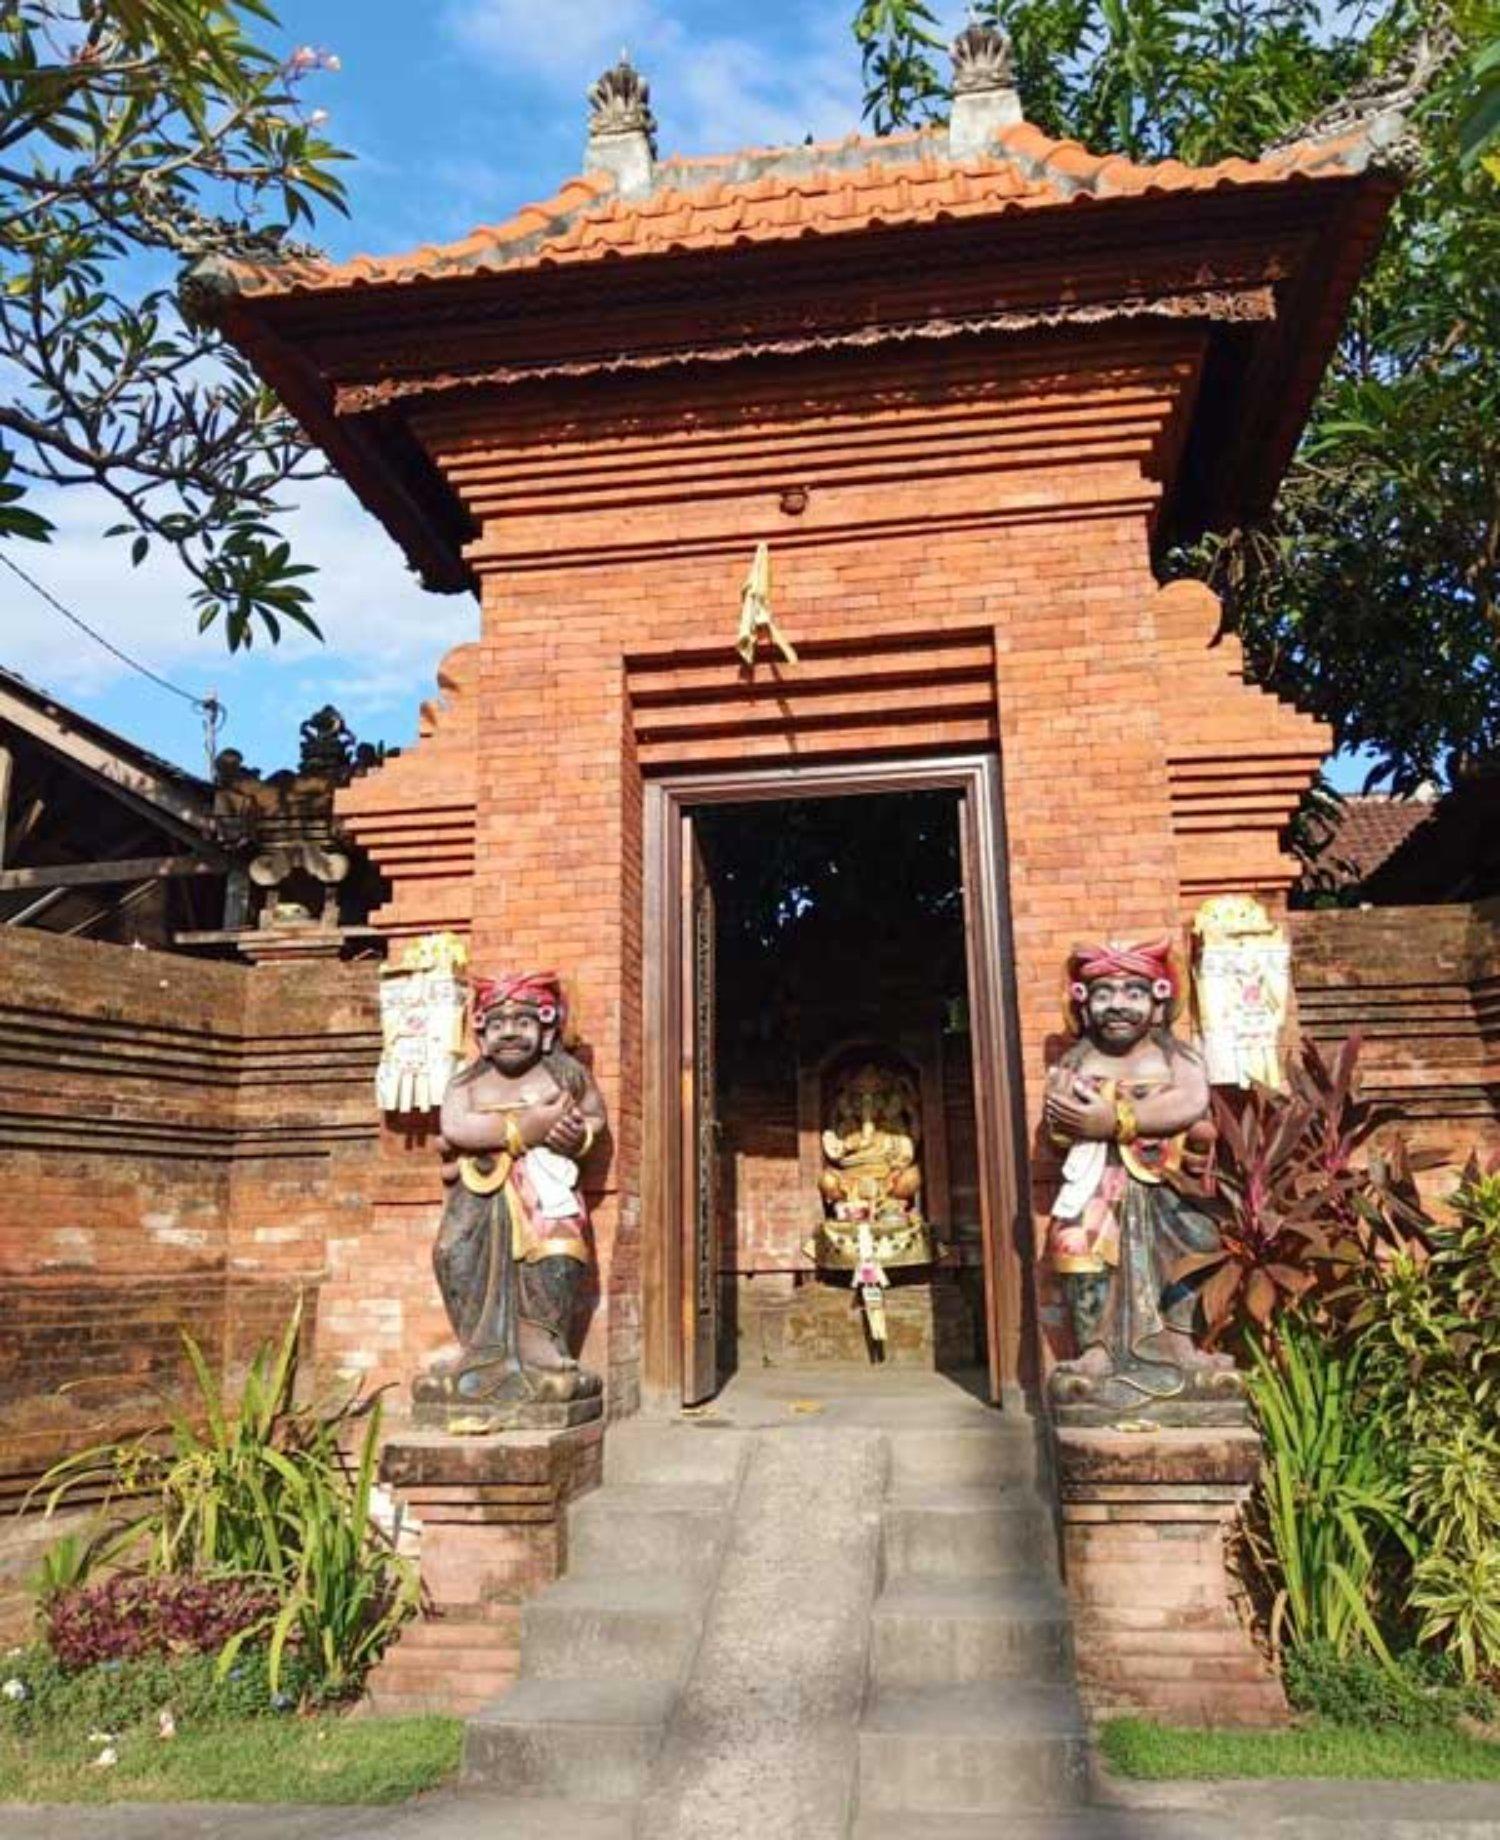 3 Ornamen Penting Dalam Dekorasi Angkul Angkul Batu Bata Bali